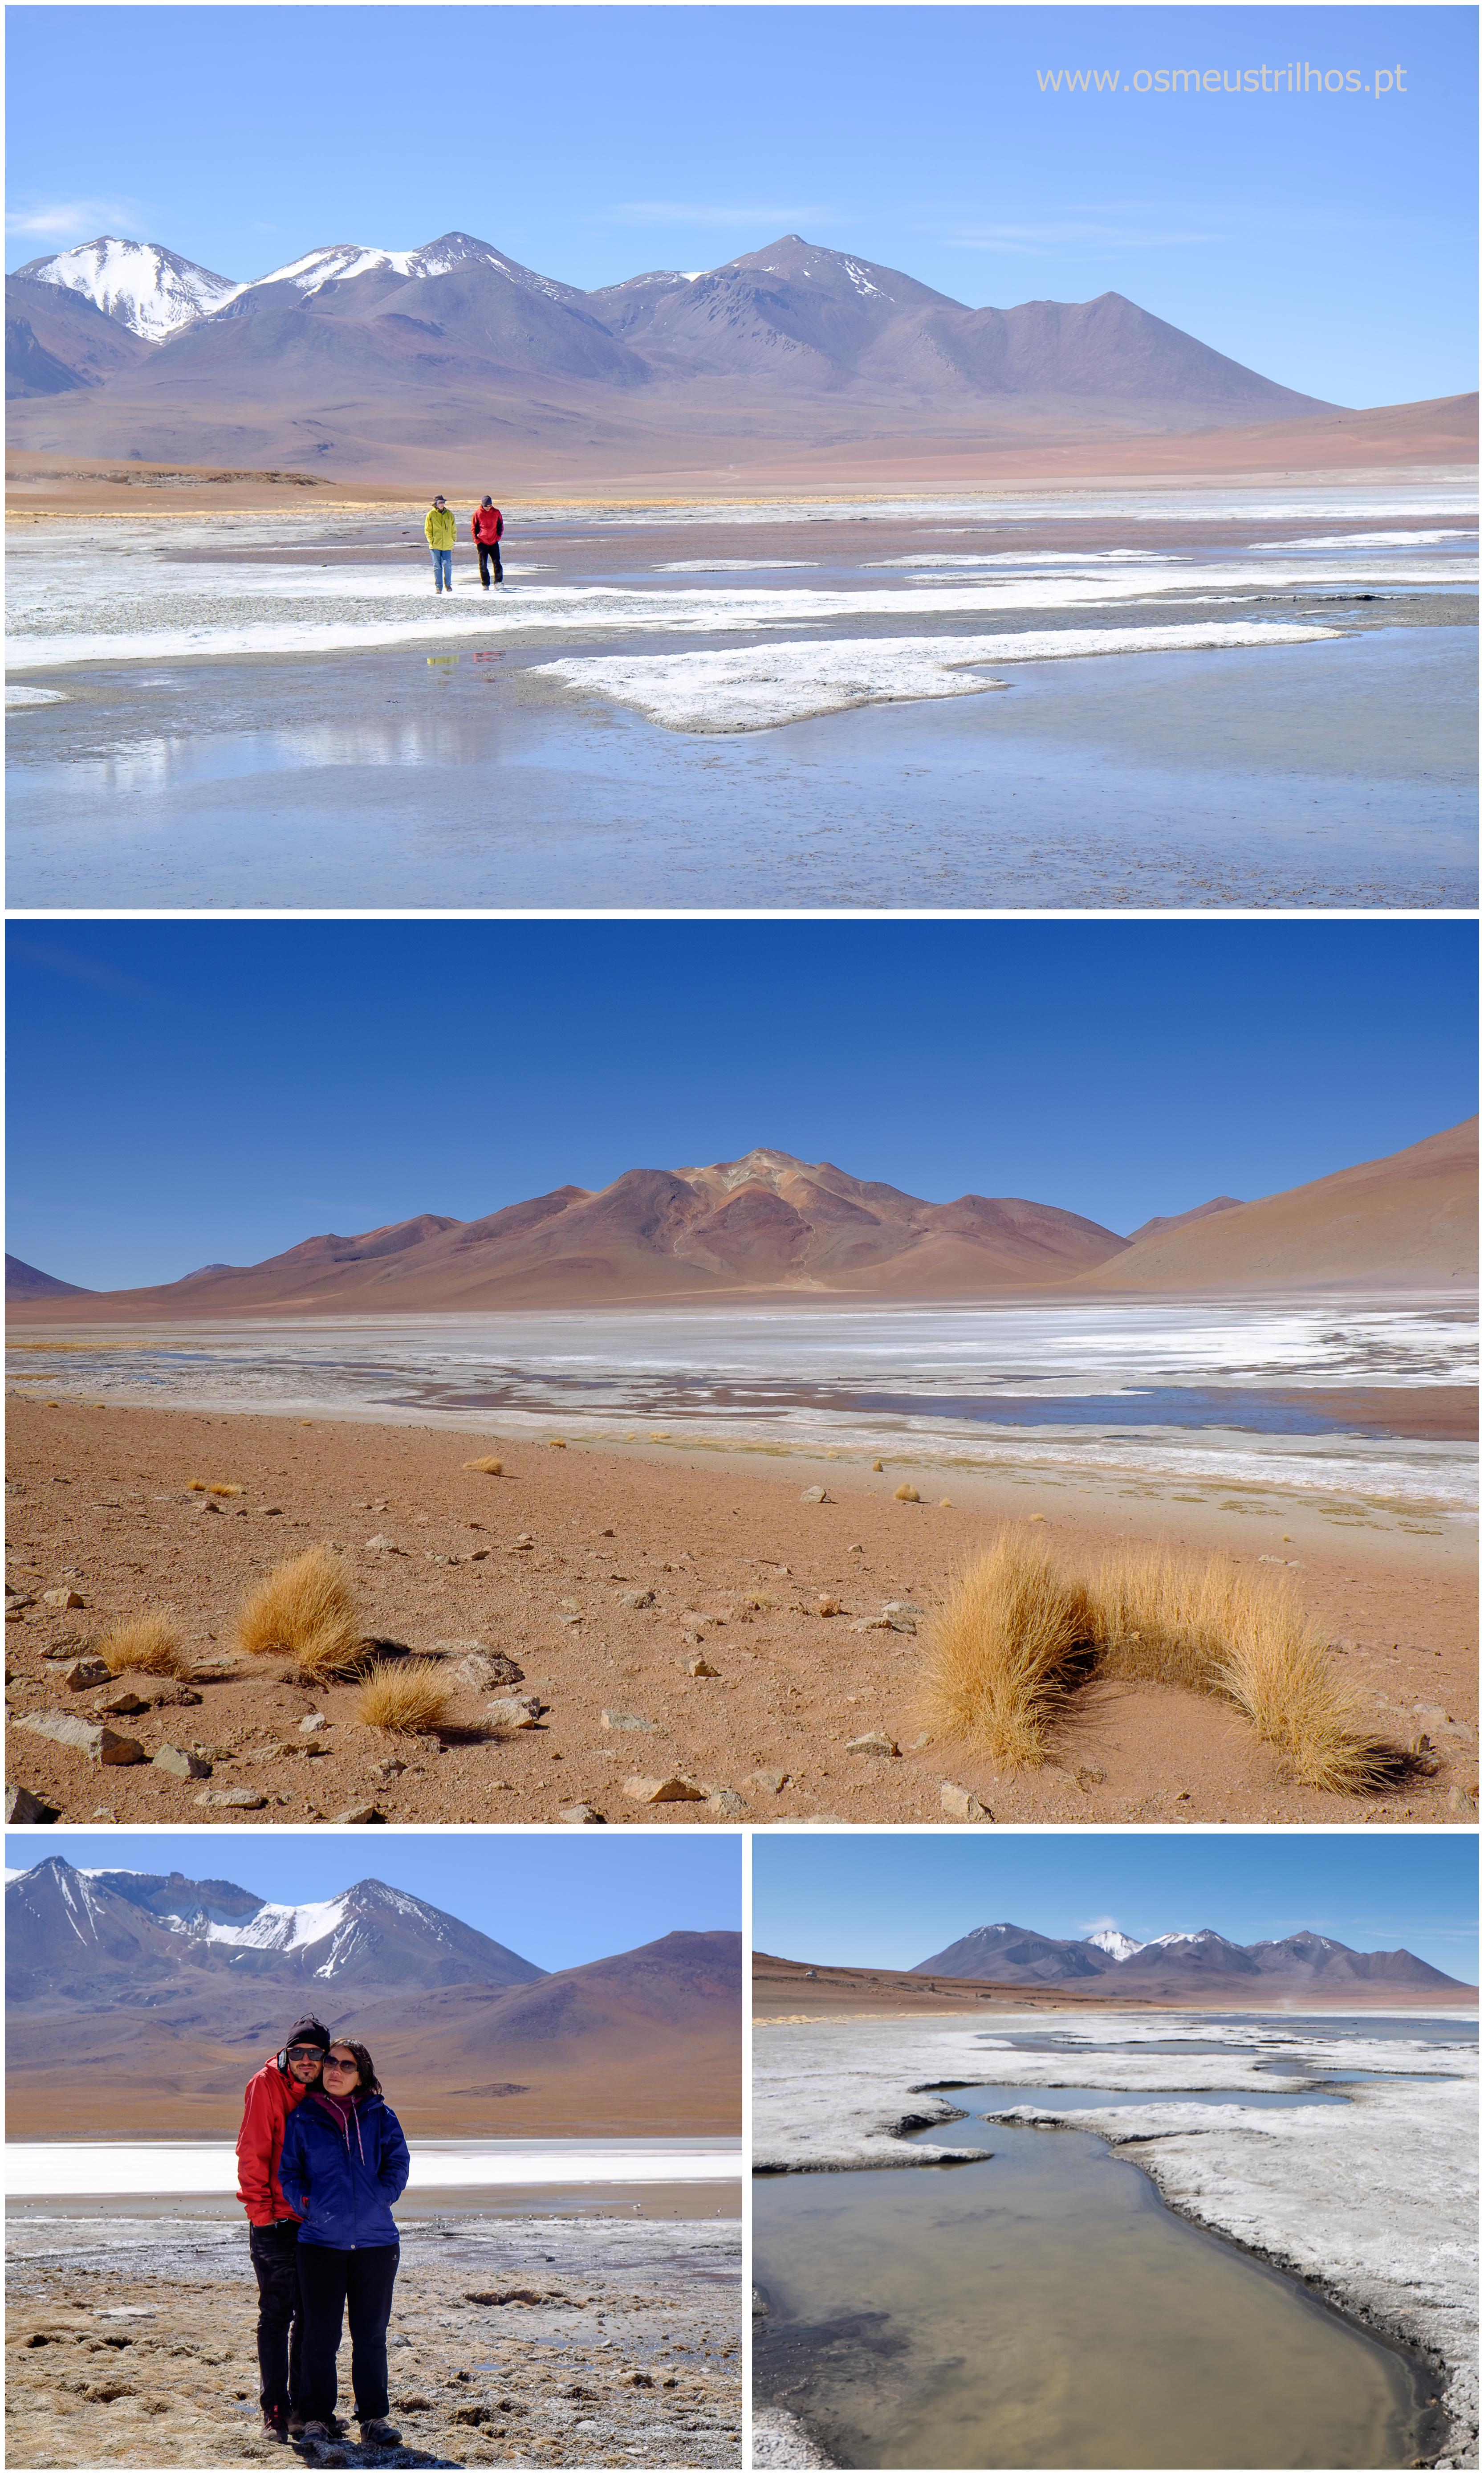 02 - lagunas altiplanicas - bolivia-5